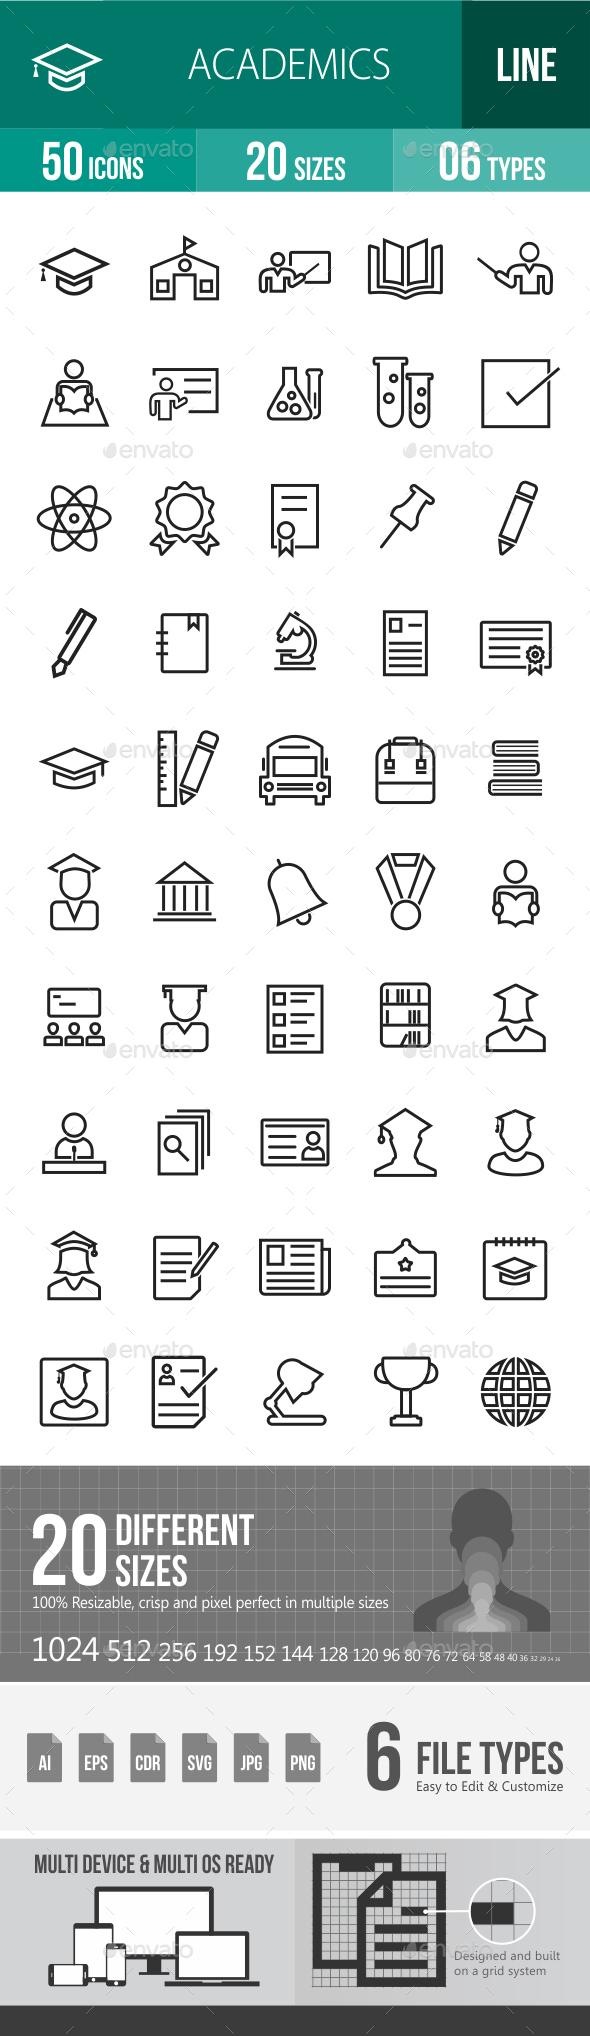 Academics Line Icons - Icons